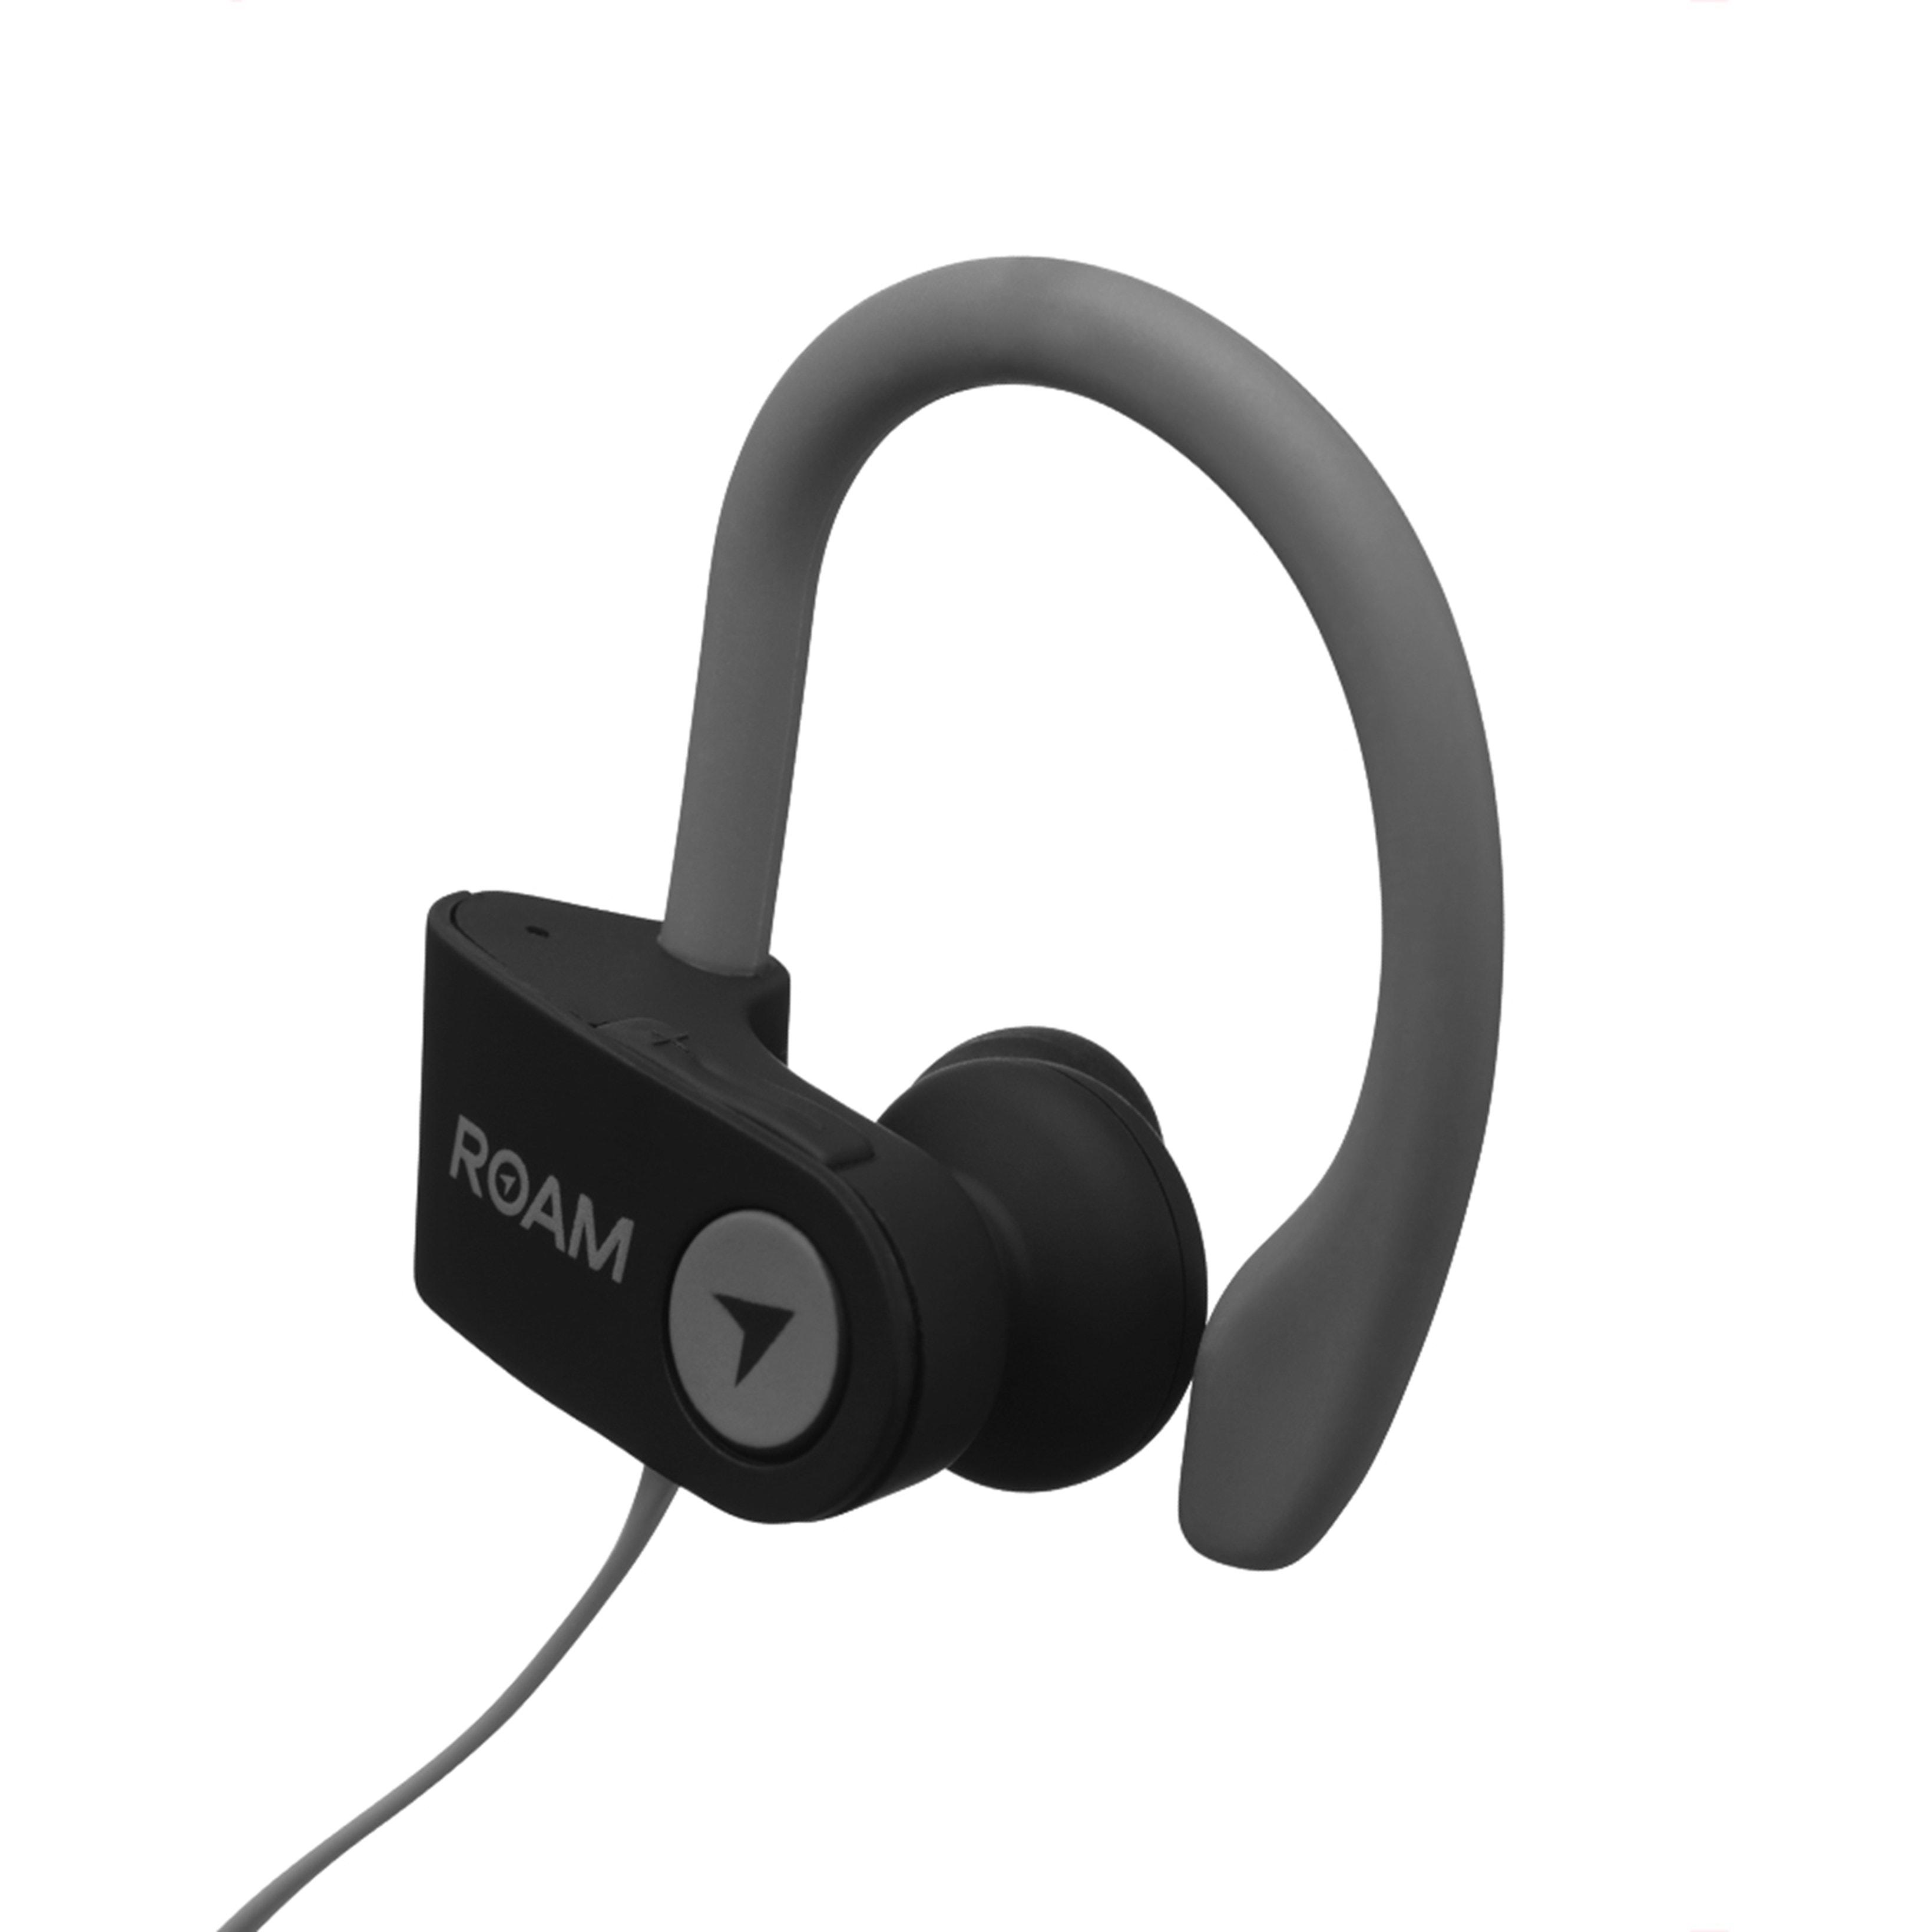 Roam Sport Ear Hook Black Bluetooth Earphones - 2